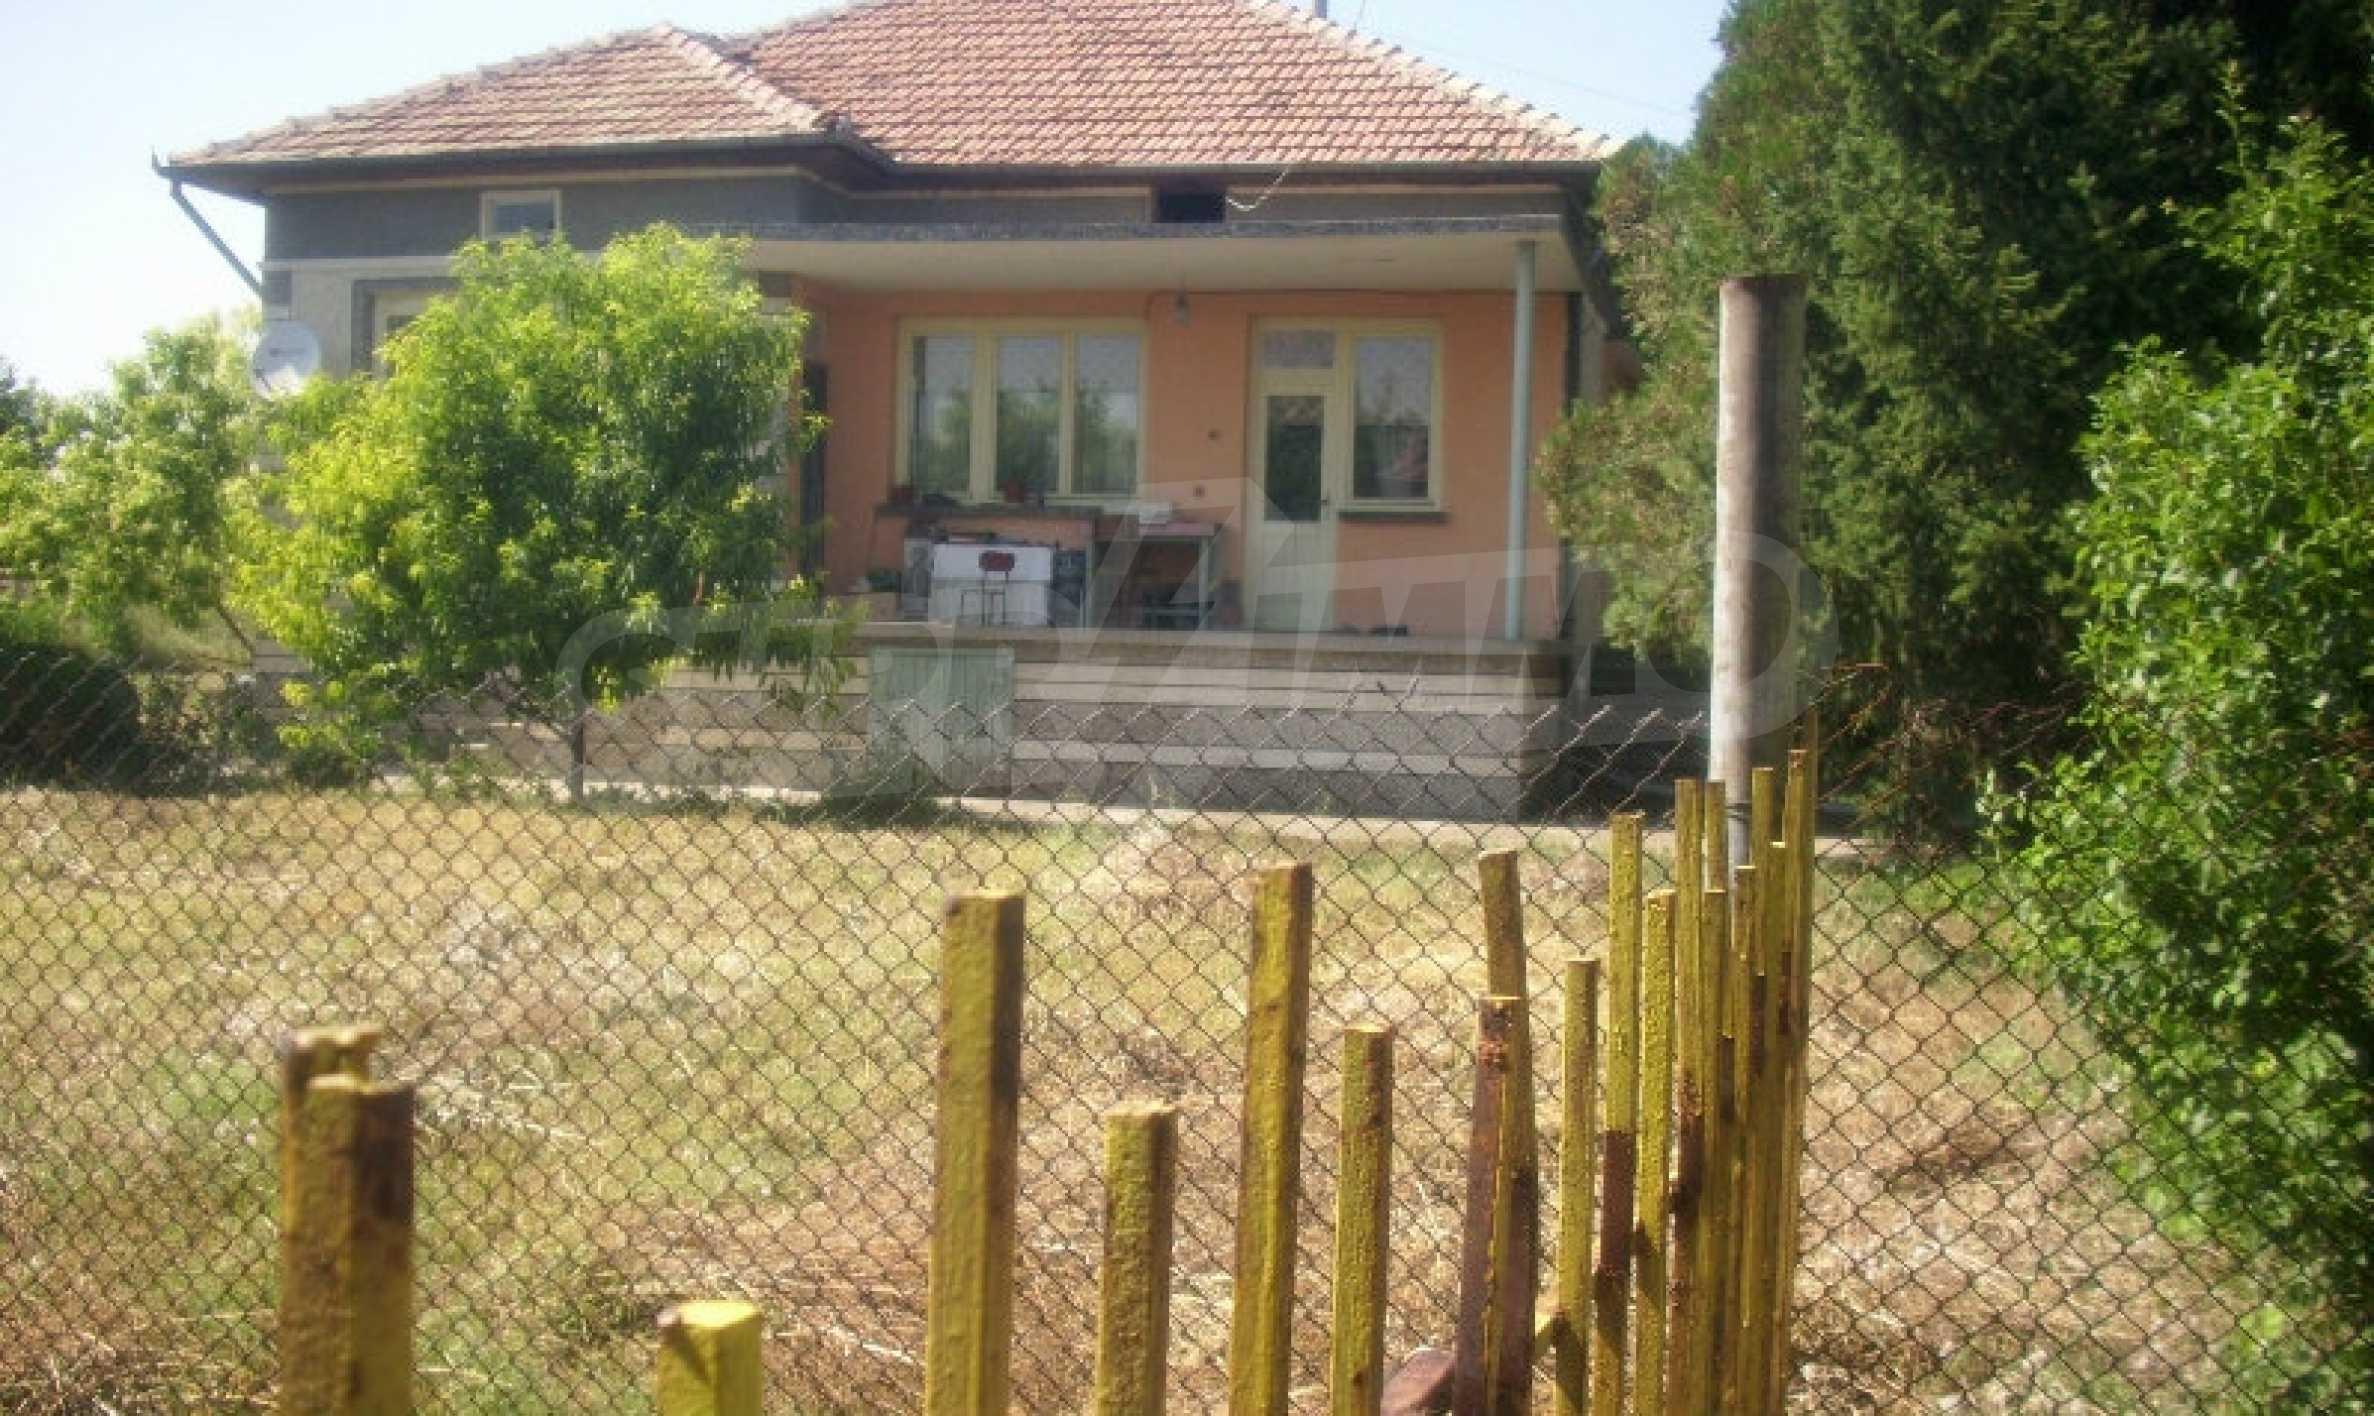 Едноетажна масивна къща в село на 3 км от гр. Полски Тръмбеш